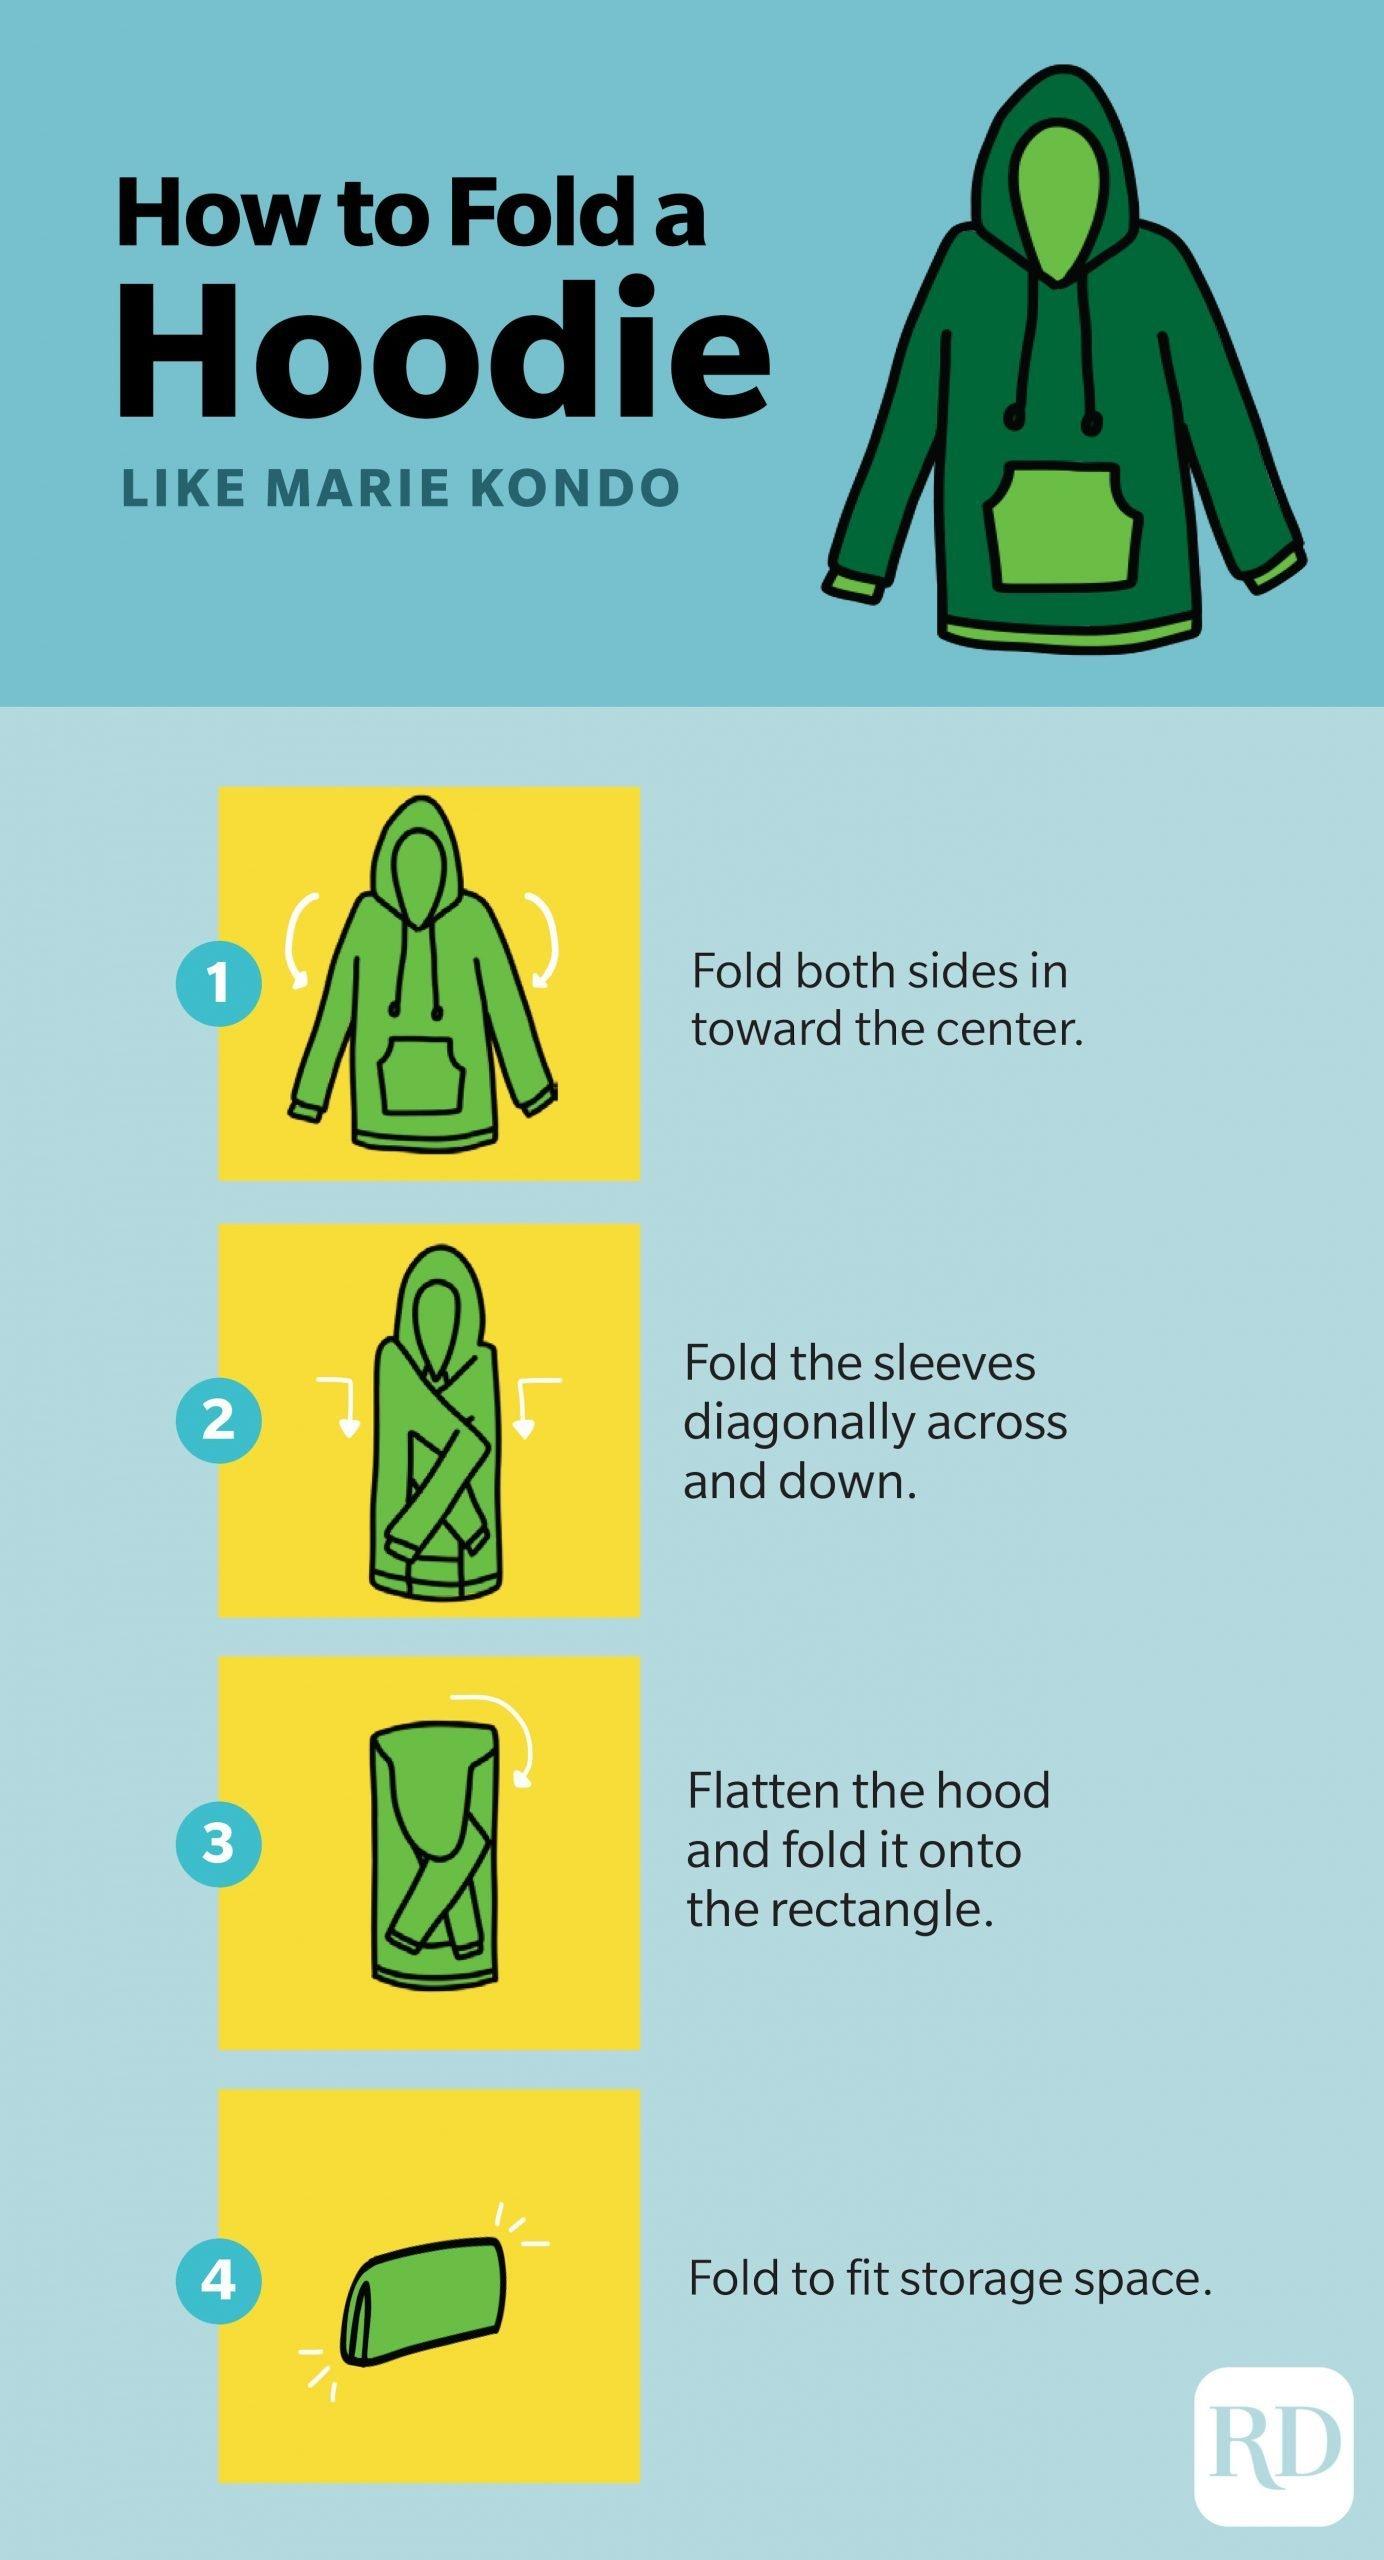 How to fold a hoodie like Marie Kondo infographic